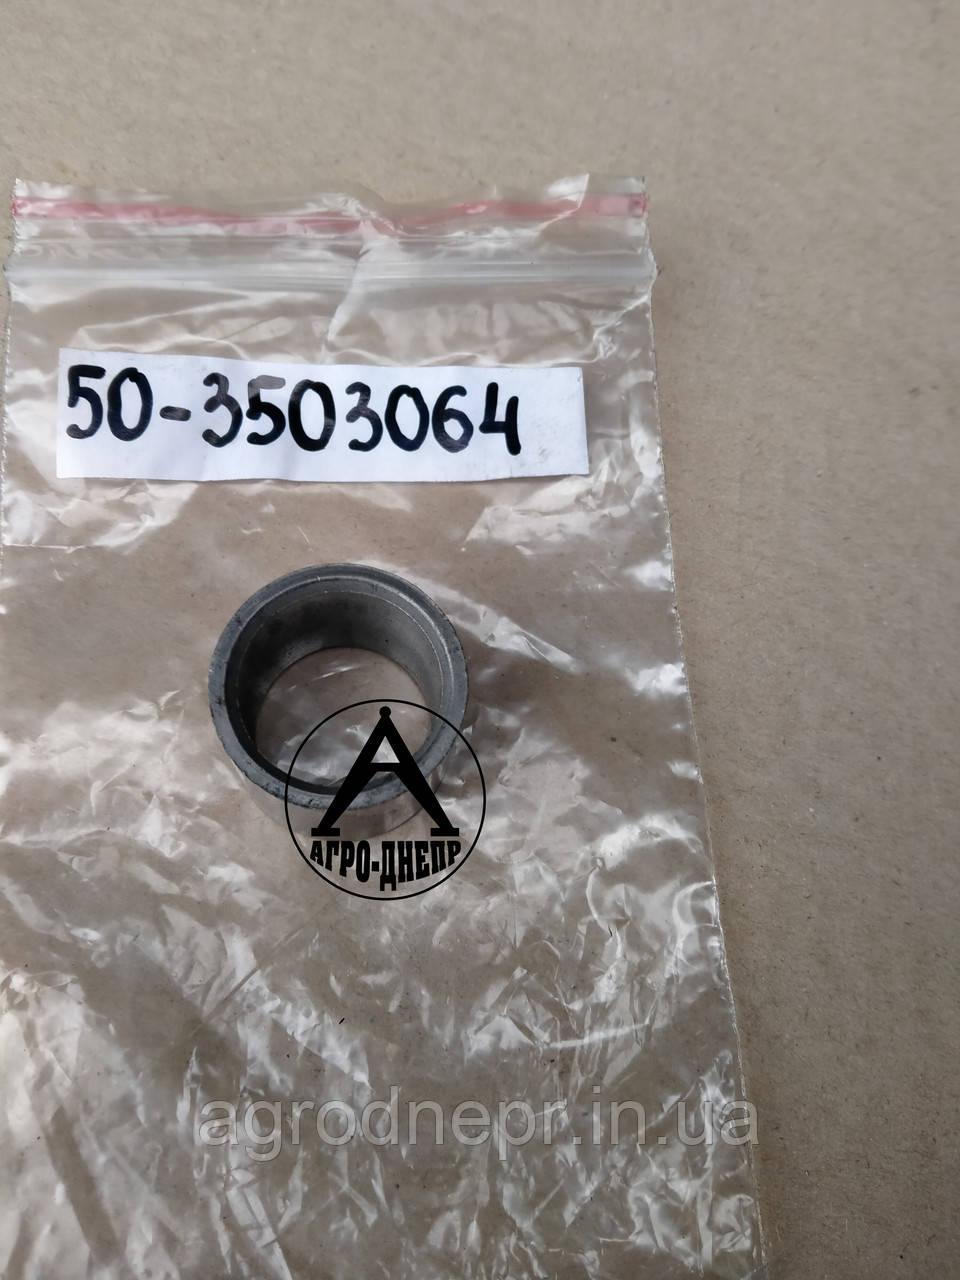 50-3503064 Втулка корпуса муфты сцепления